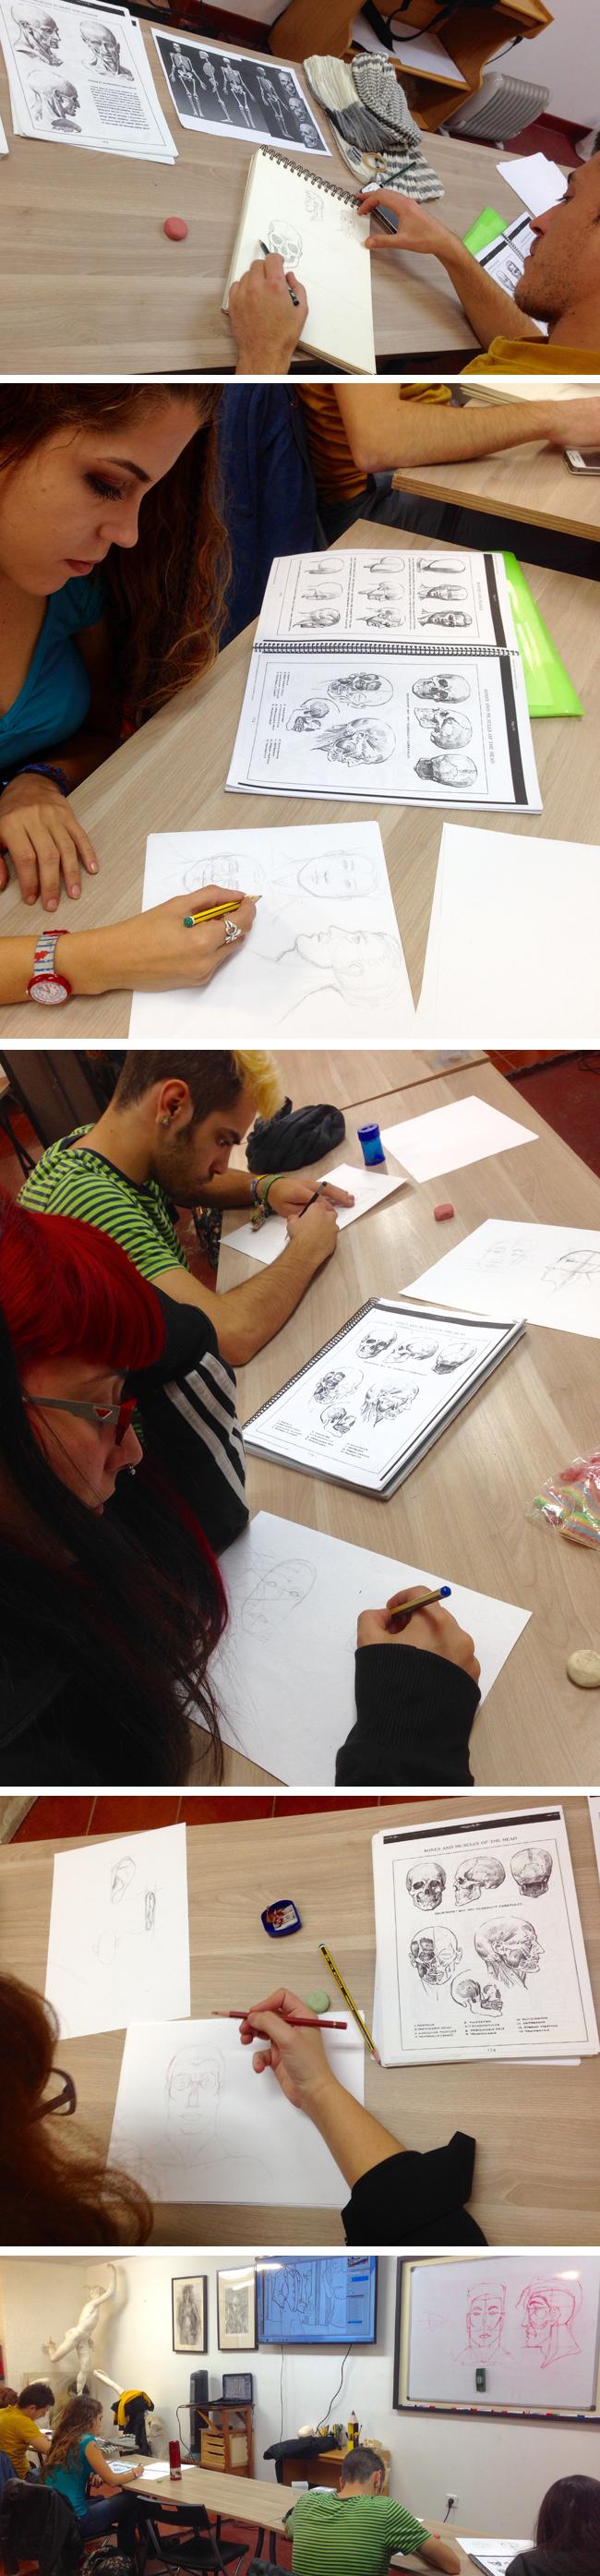 curso_dibujo_profesional_alumnos_dibujando_trabajos_cabezas_pies_manos_academiac10